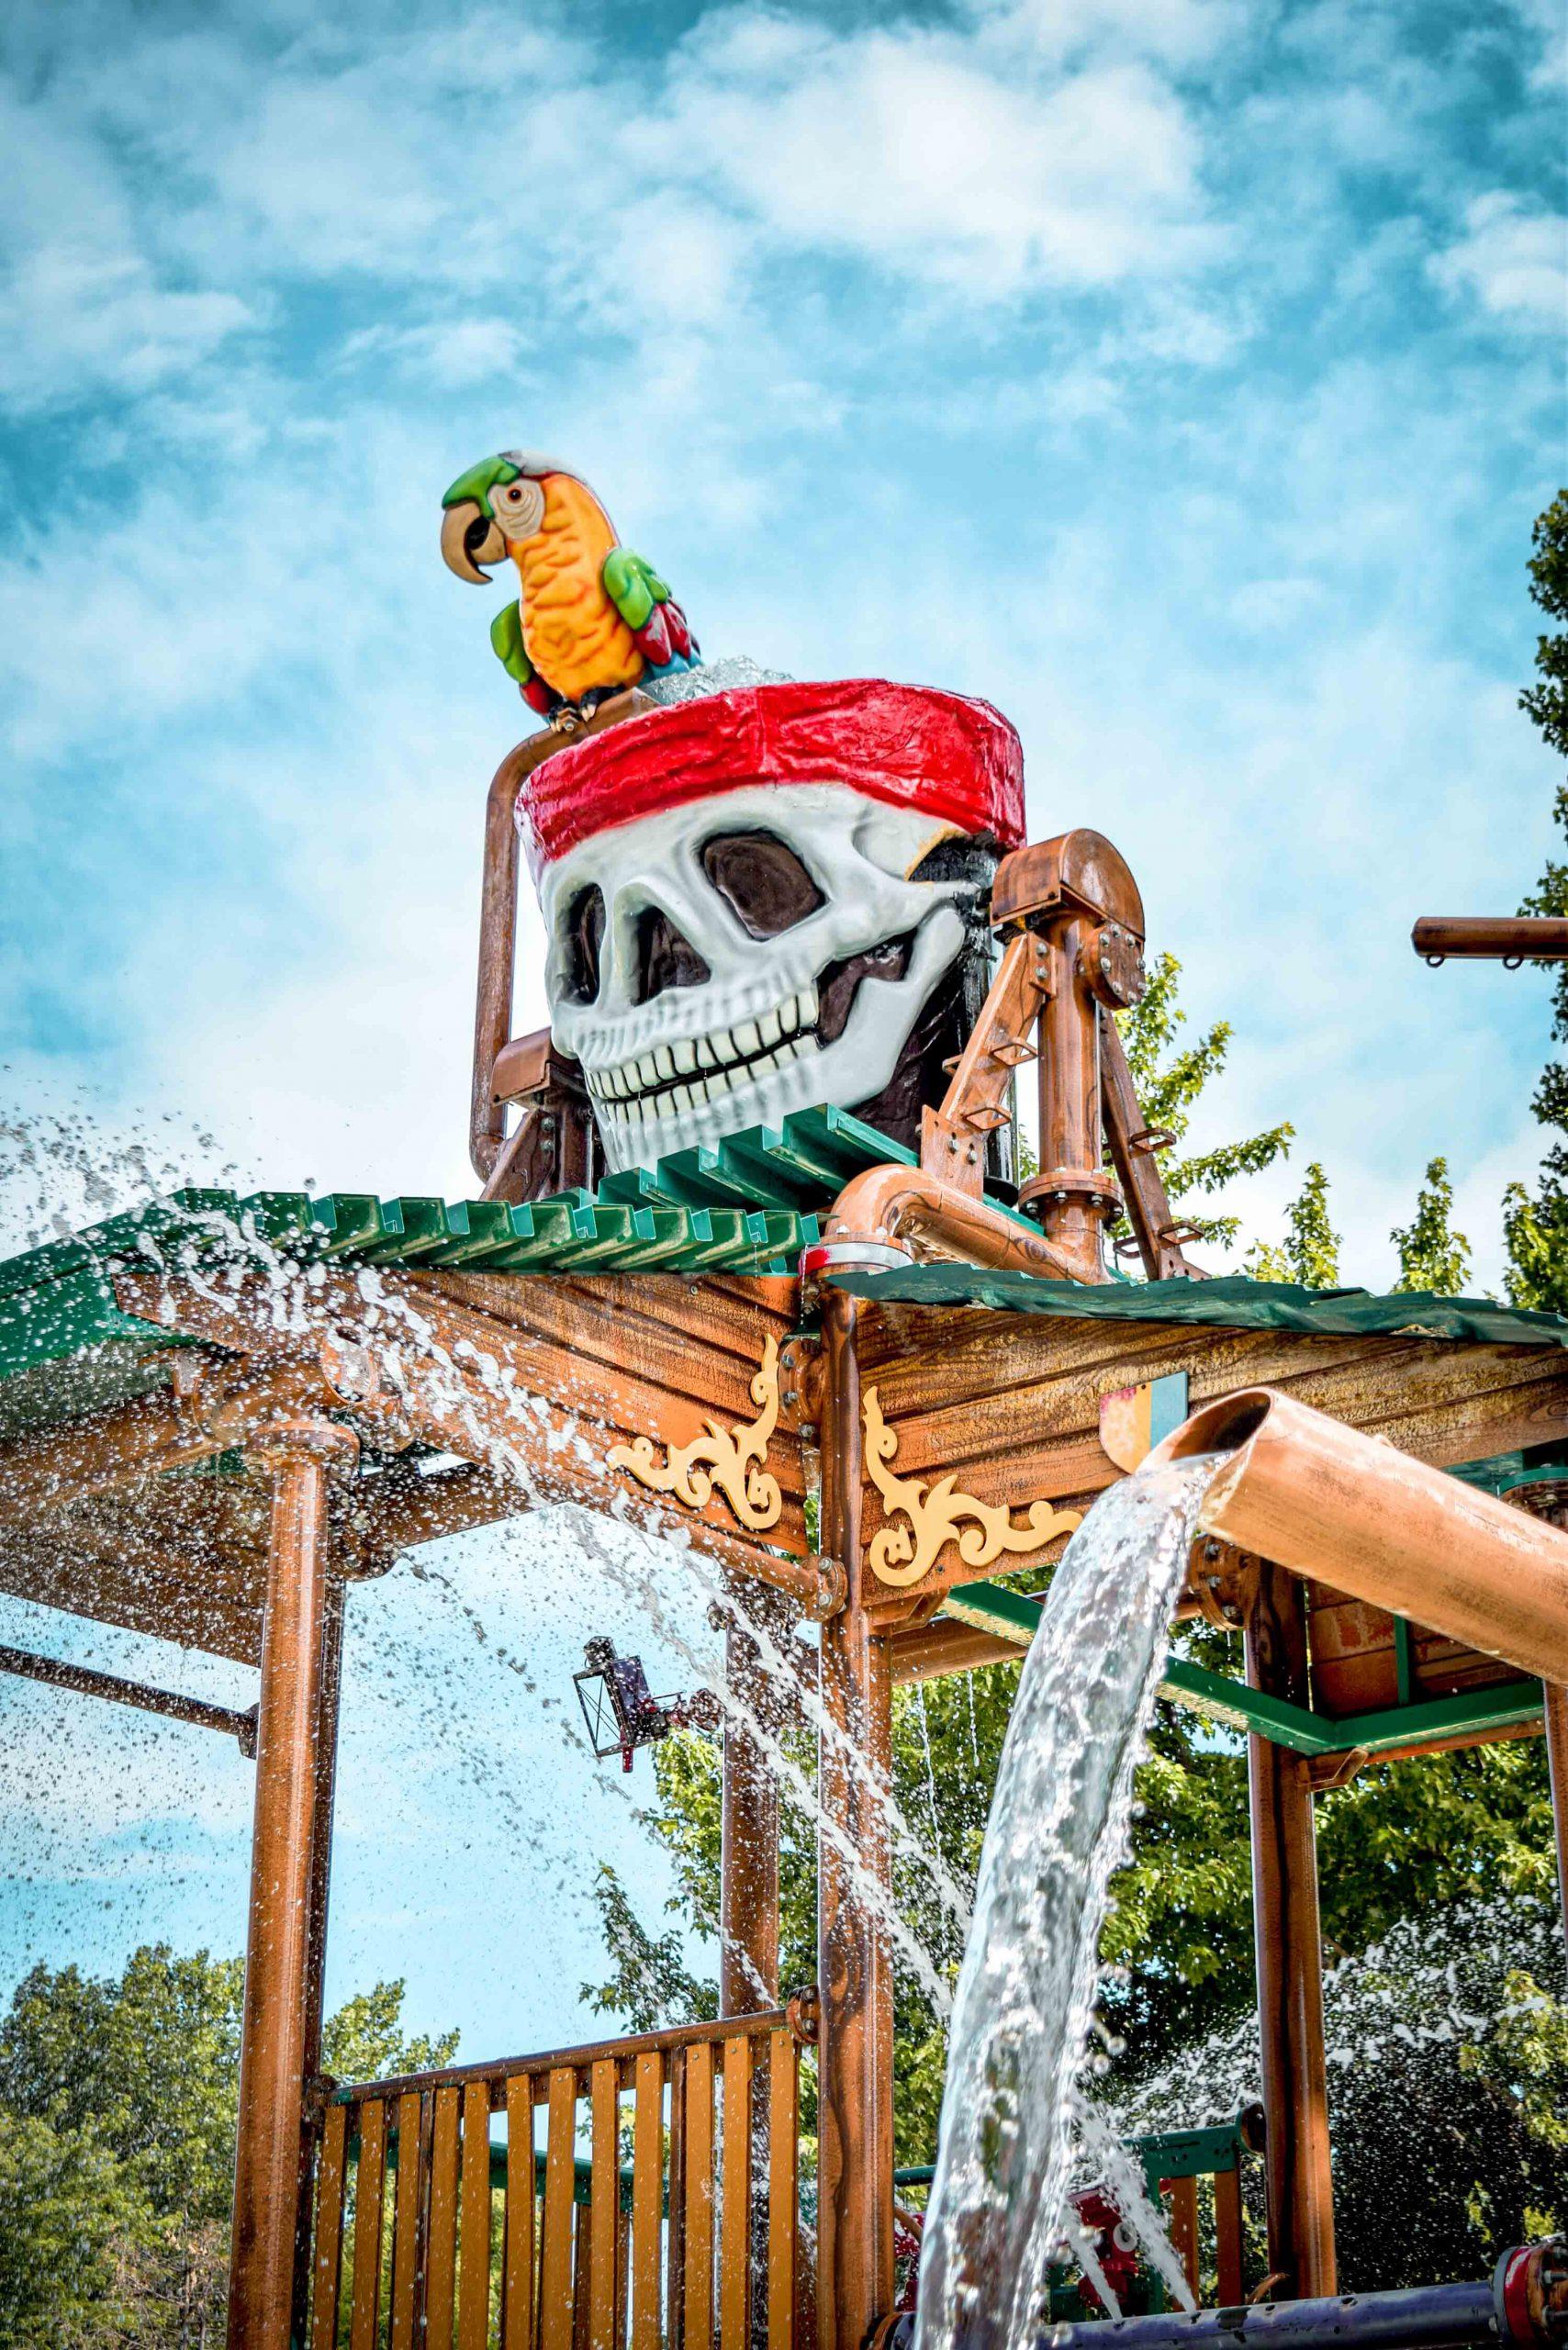 crâne de pirate avec perroquet et jets